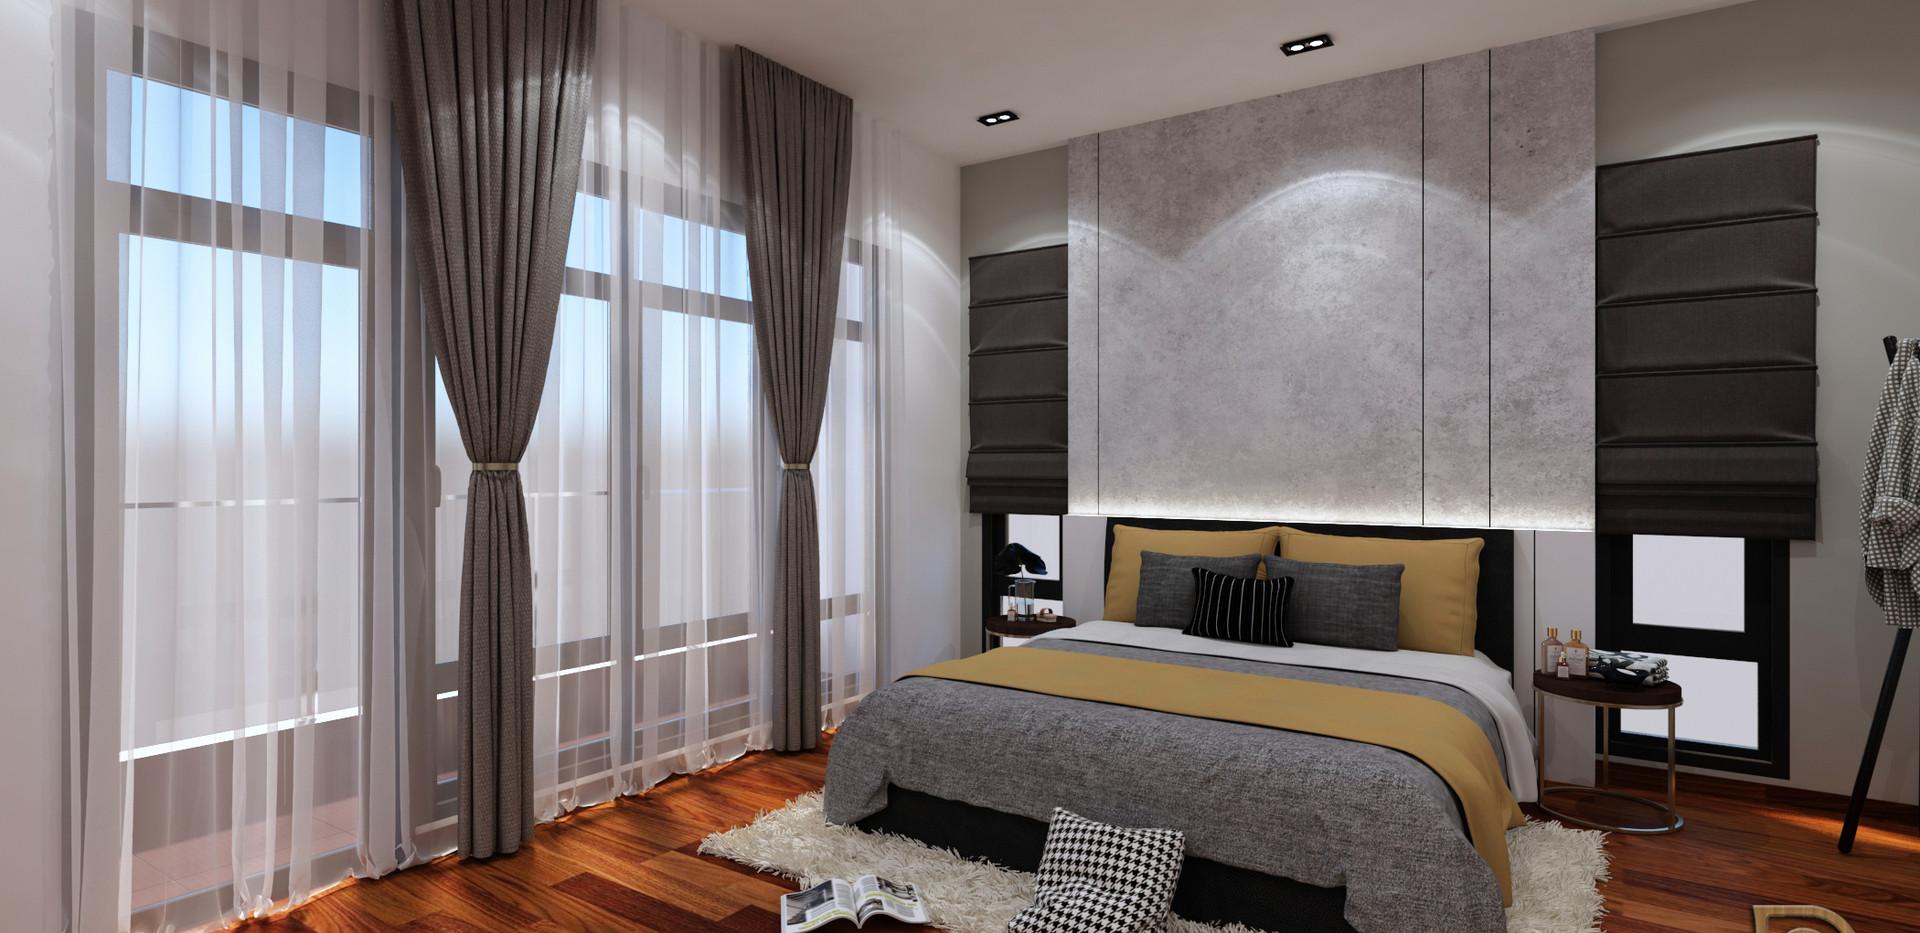 20191219_Master Bedroom V1.jpg